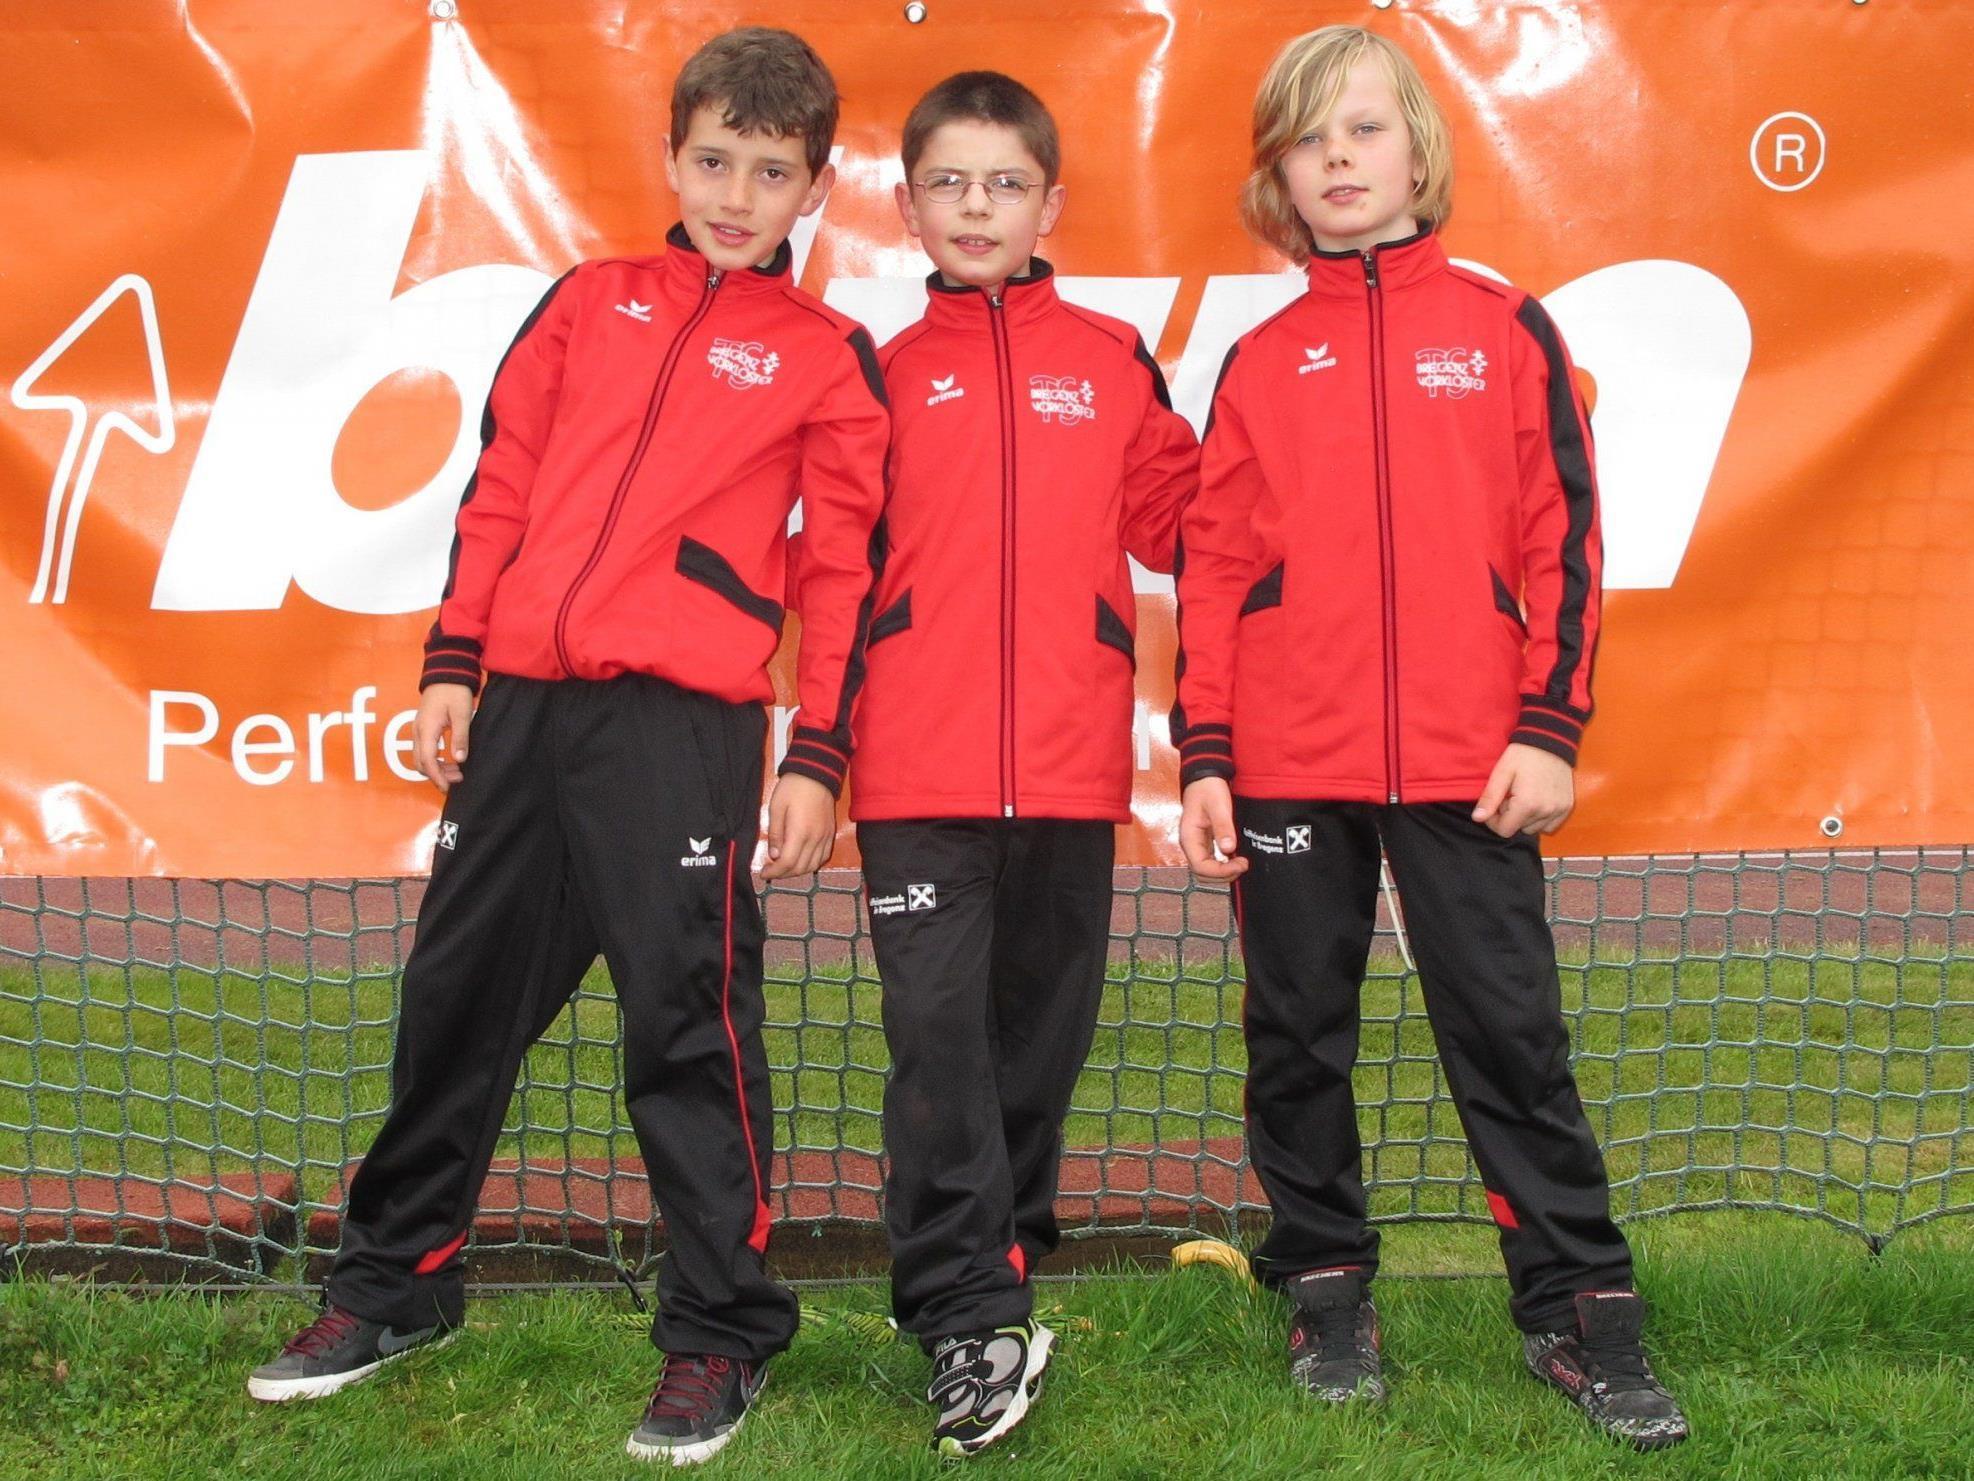 Das siegreiche Team der TS Bregenz-Vorkloster mit Anton Maurer, Nico Hauser und Aaron Strabler.